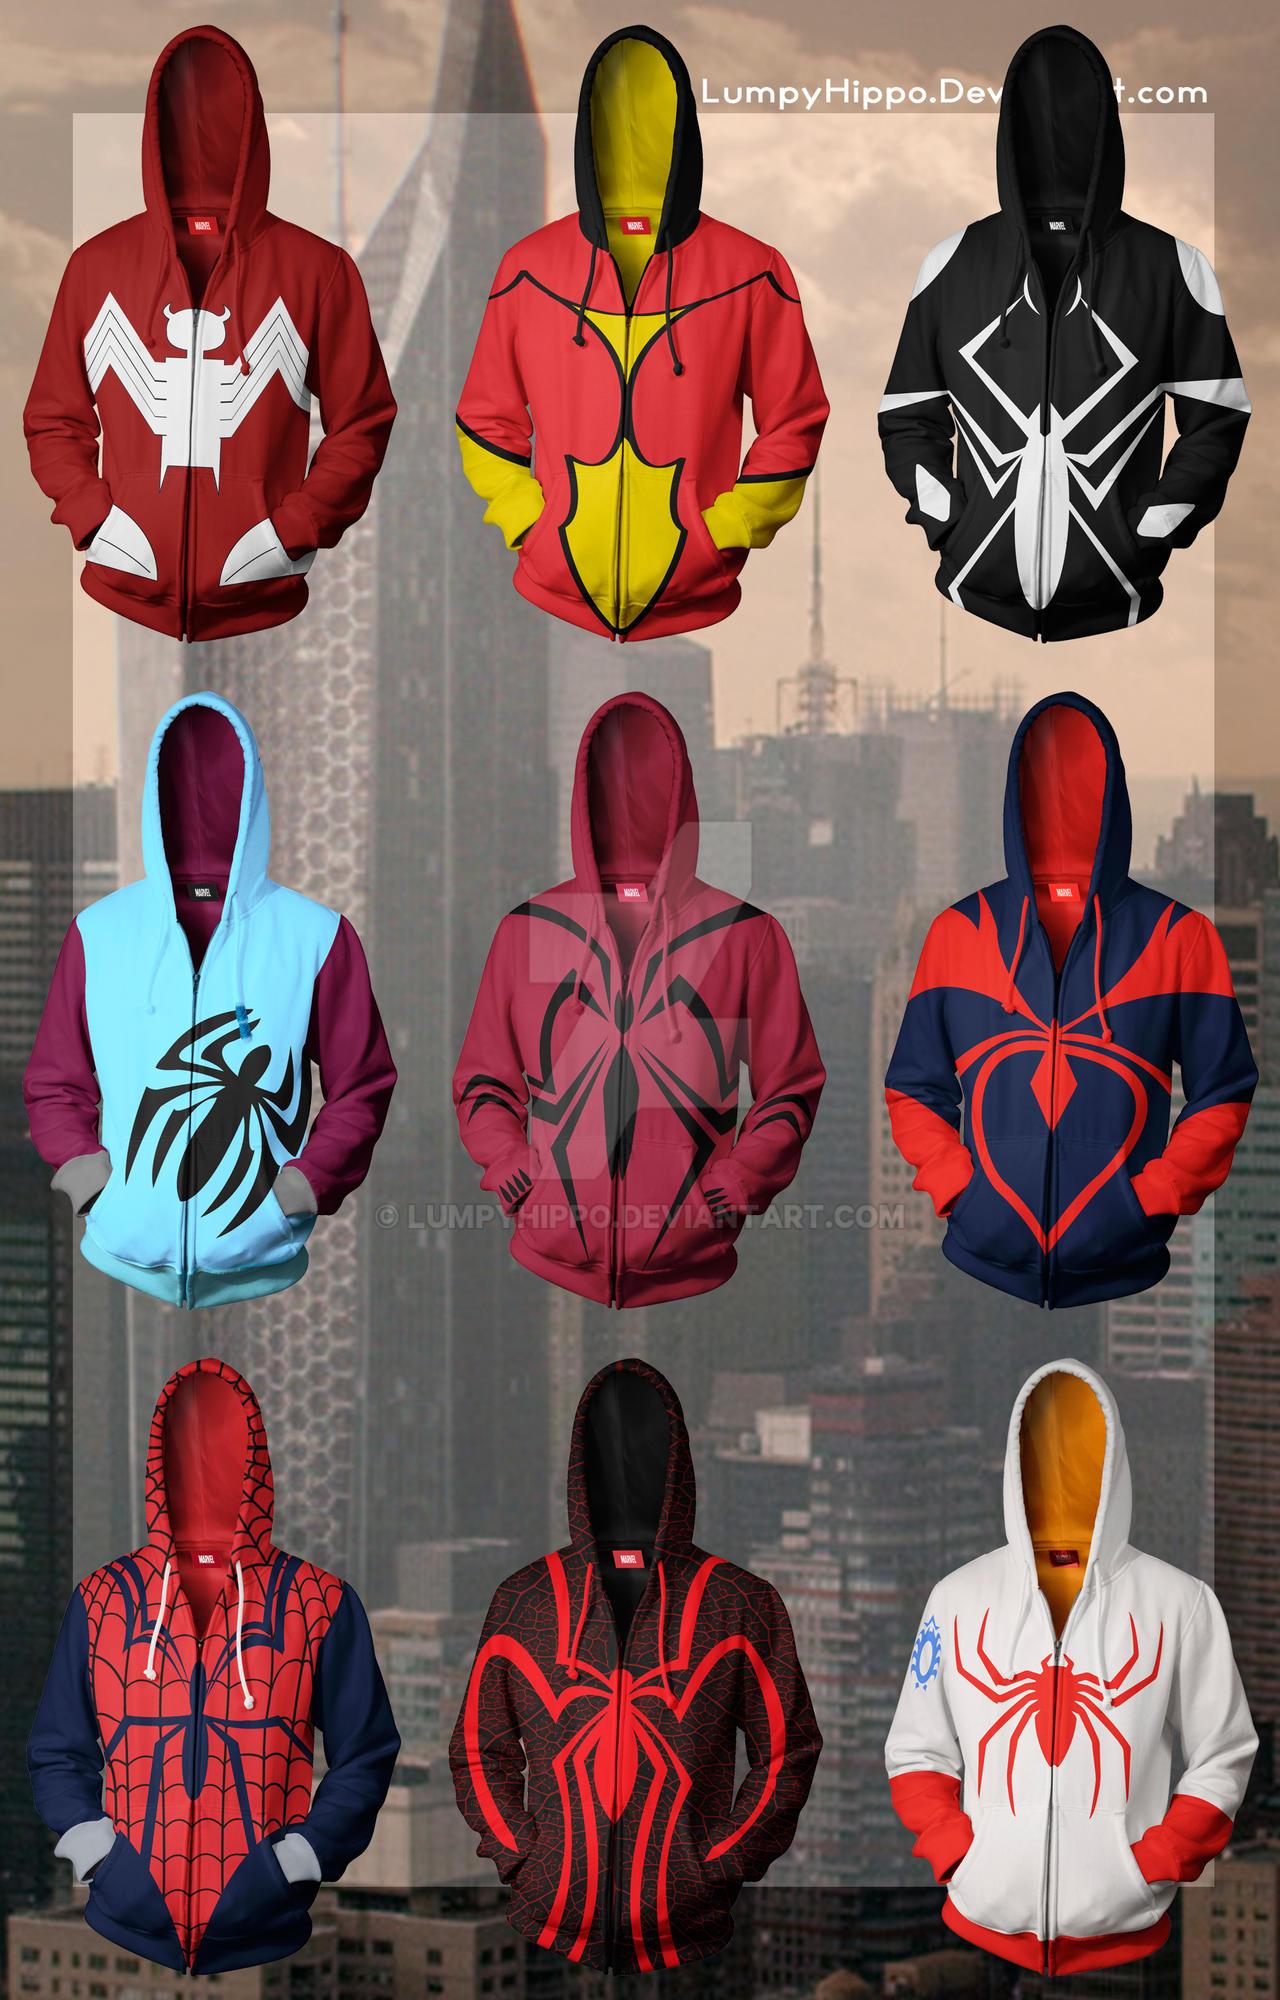 Scarlet spider hoodie